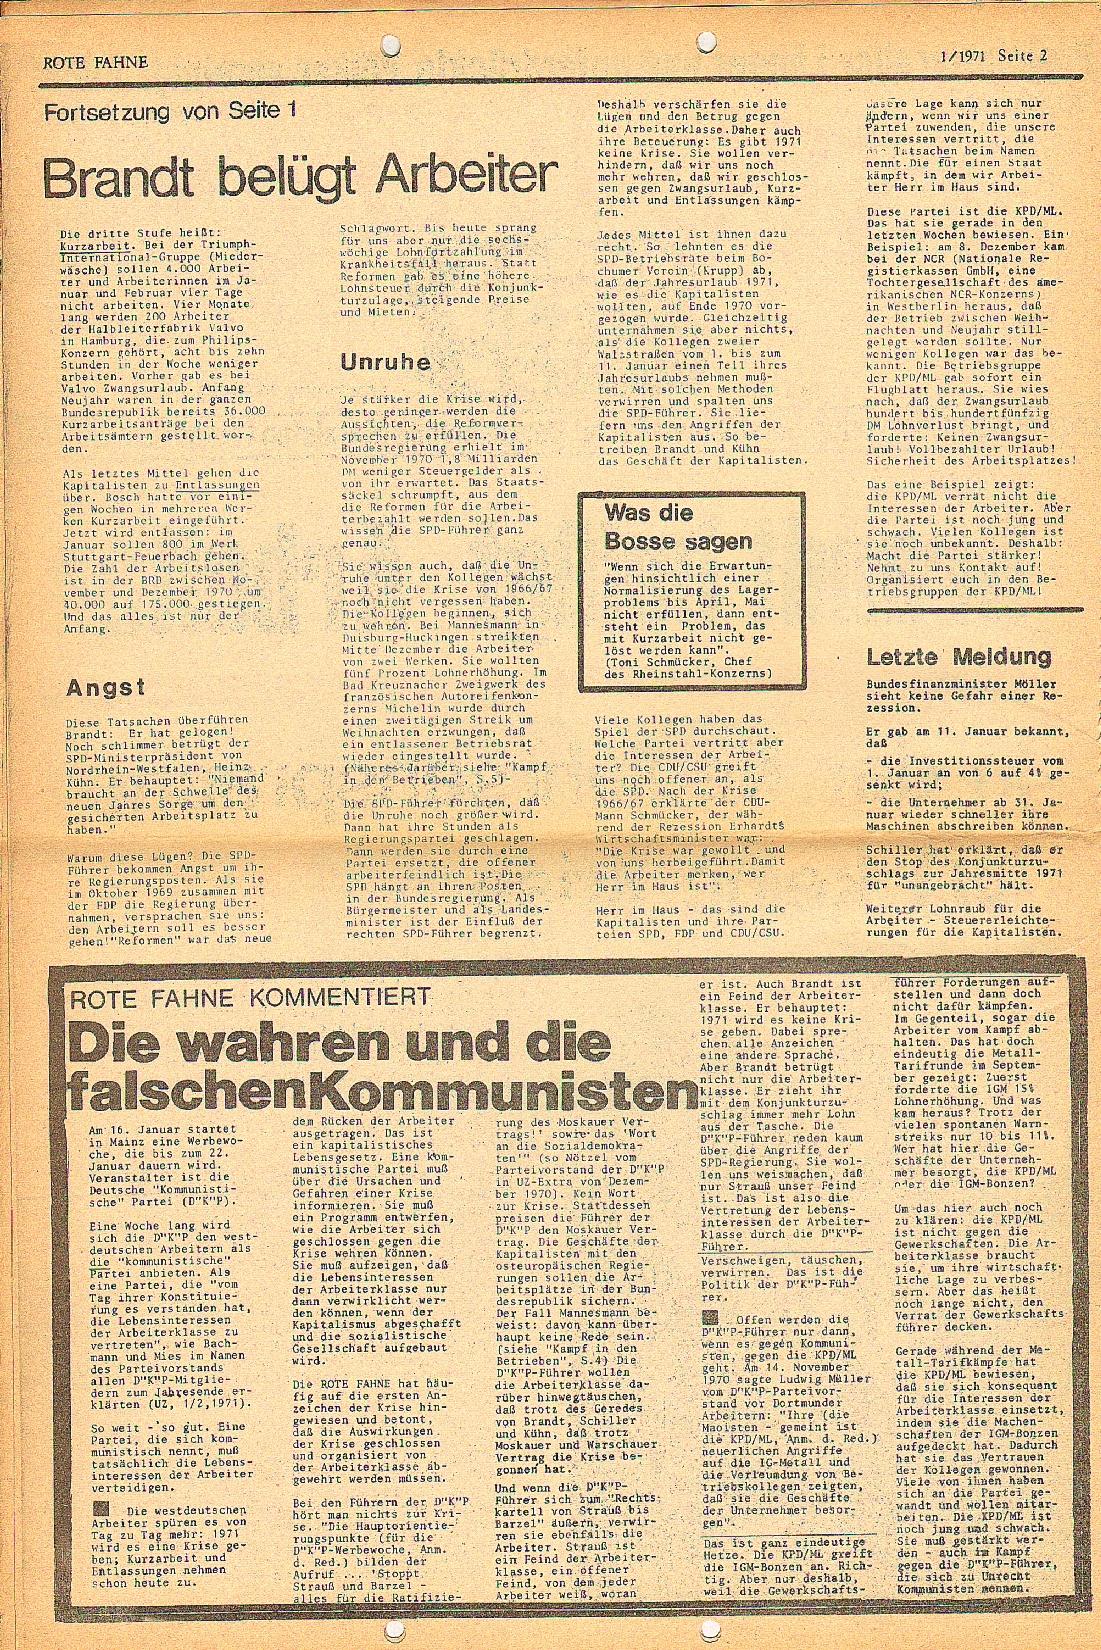 Rote Fahne, 2. Jg., 18.1.1971, Nr. 1, Seite 2